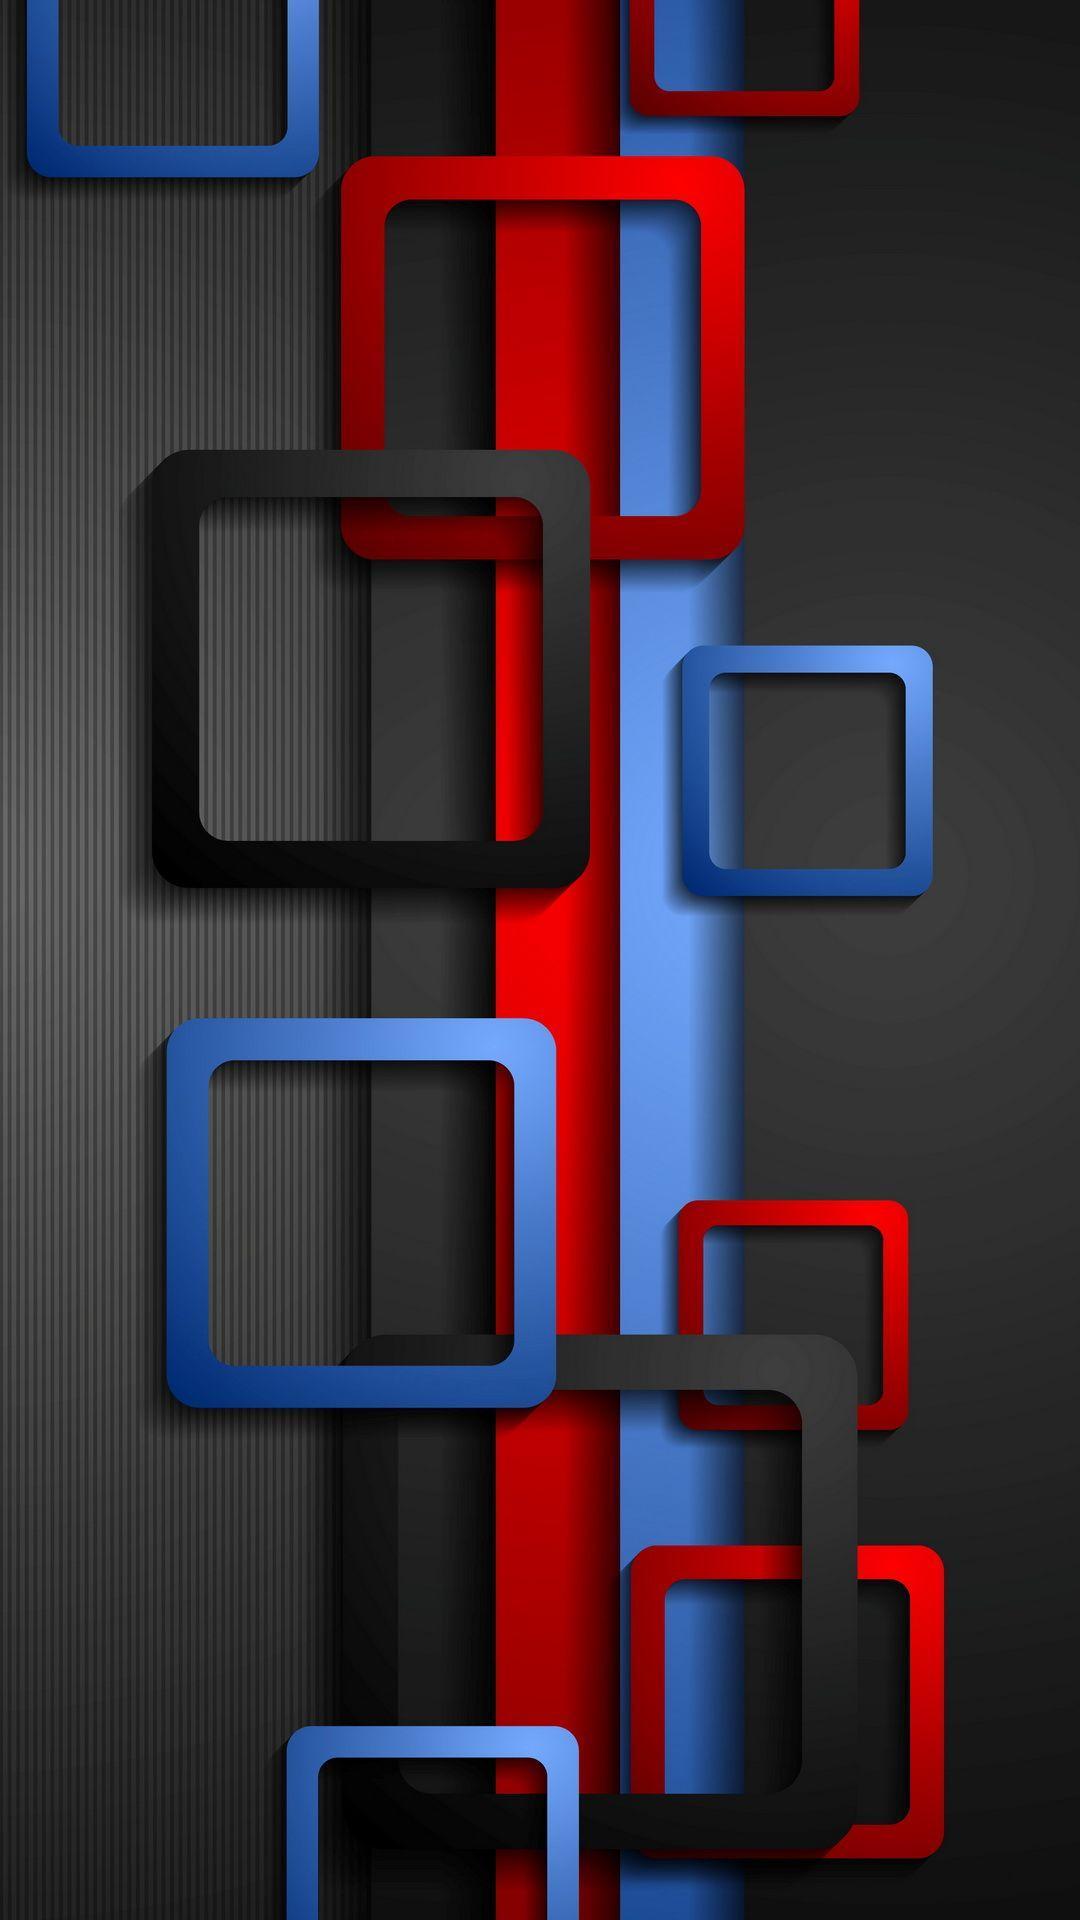 Blue Red And Black Wallpapers Top Free Blue Red And Black Backgrounds Wallpaperaccess Ribuan gambar baru setiap hari sepenuhnya gratis untuk digunakan video dan gambar berkualitas tinggi dari pexels. blue red and black wallpapers top